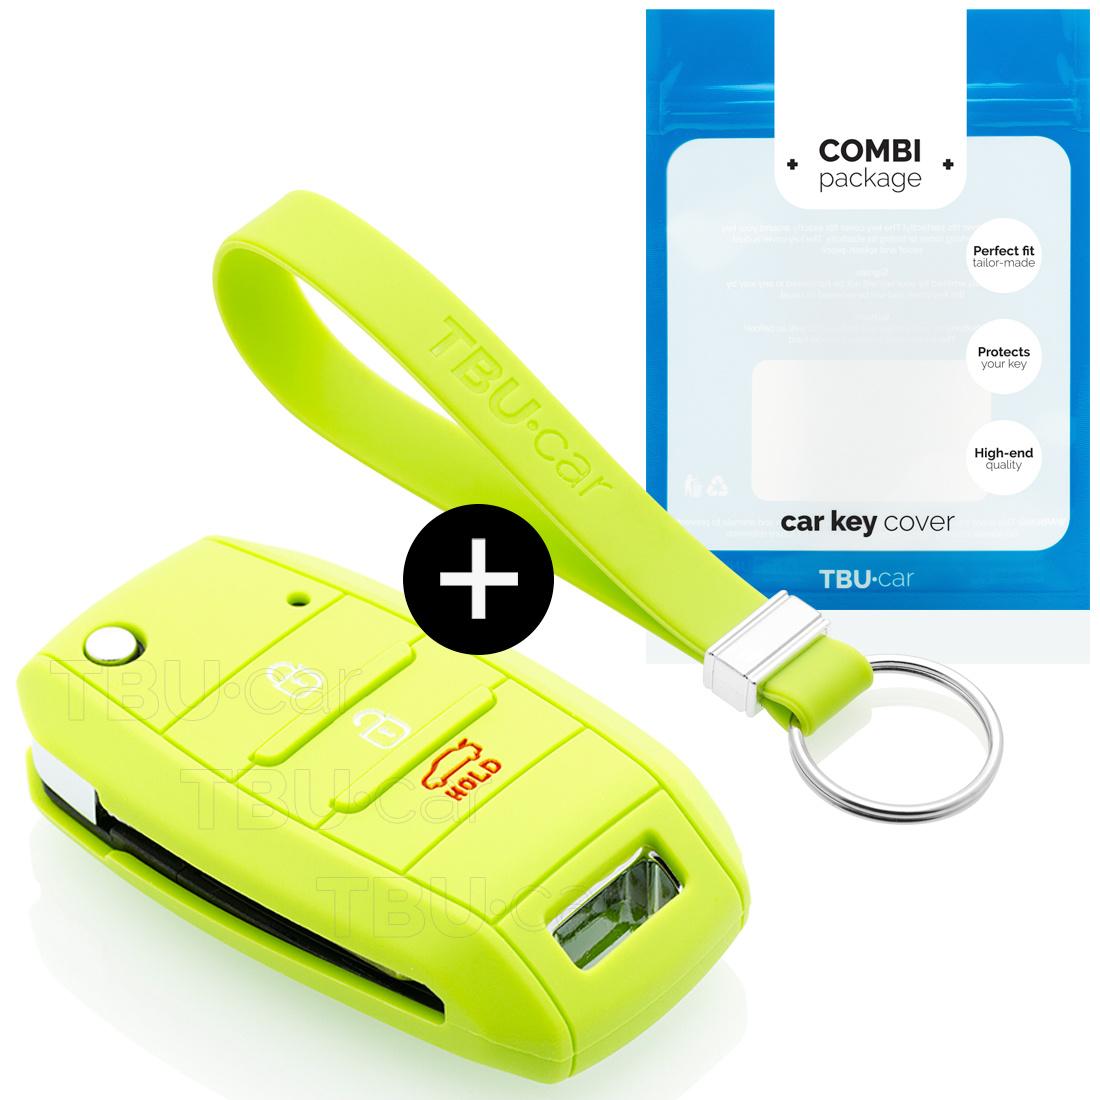 TBU car TBU car Sleutel cover compatibel met Kia - Silicone sleutelhoesje - beschermhoesje autosleutel - Lime groen